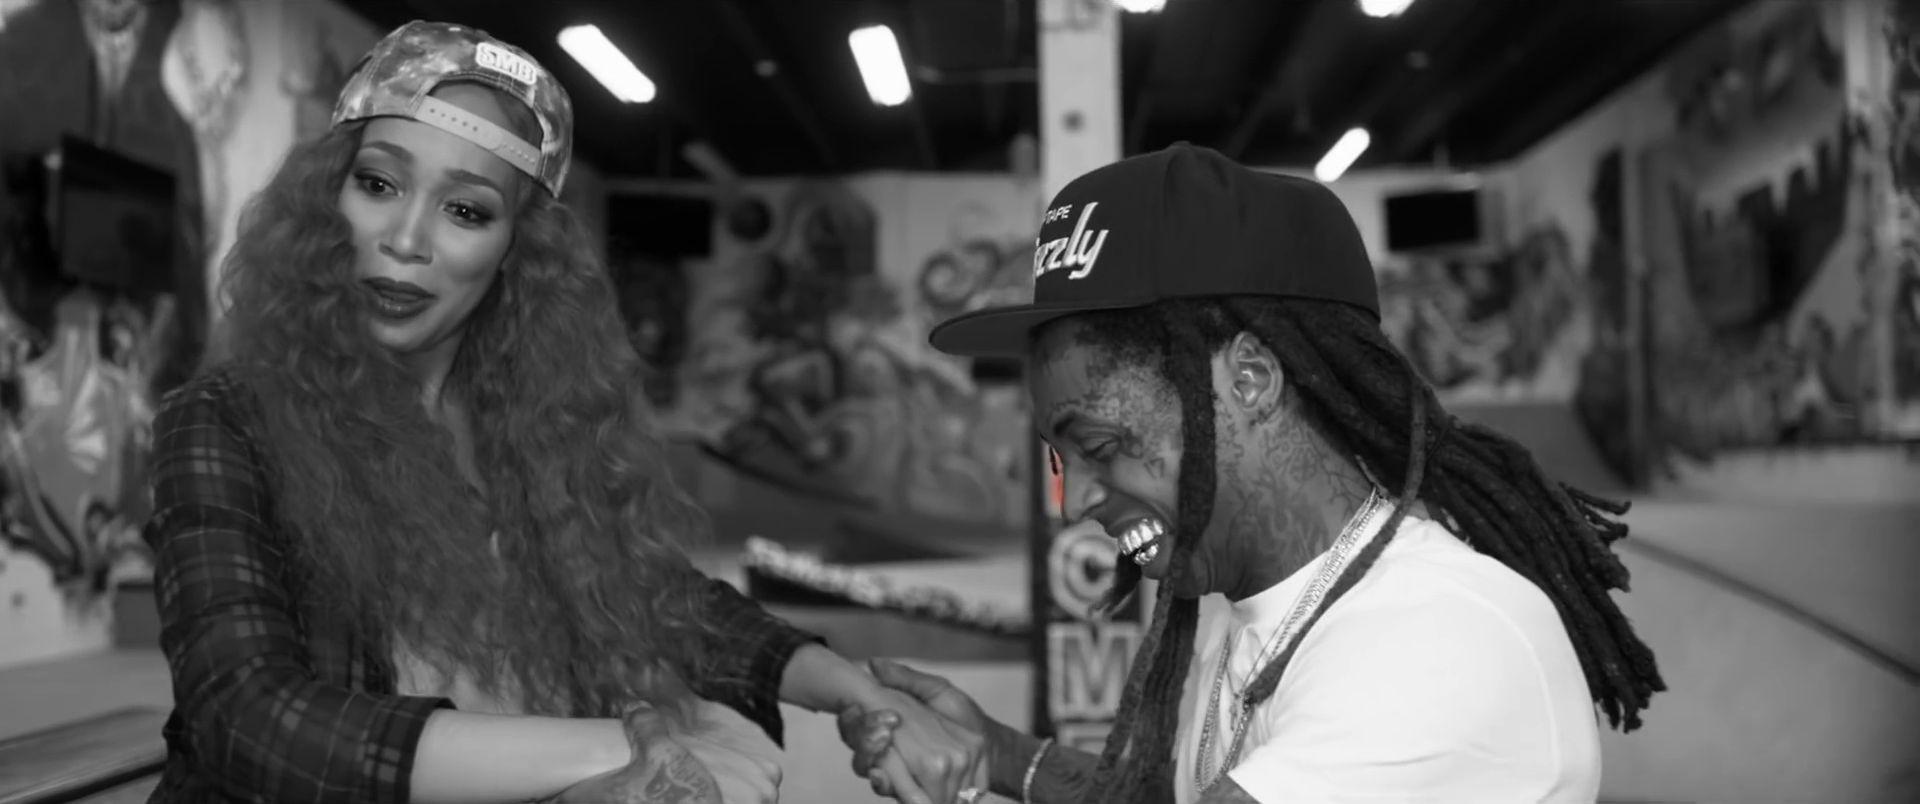 Клип Lil Wayne